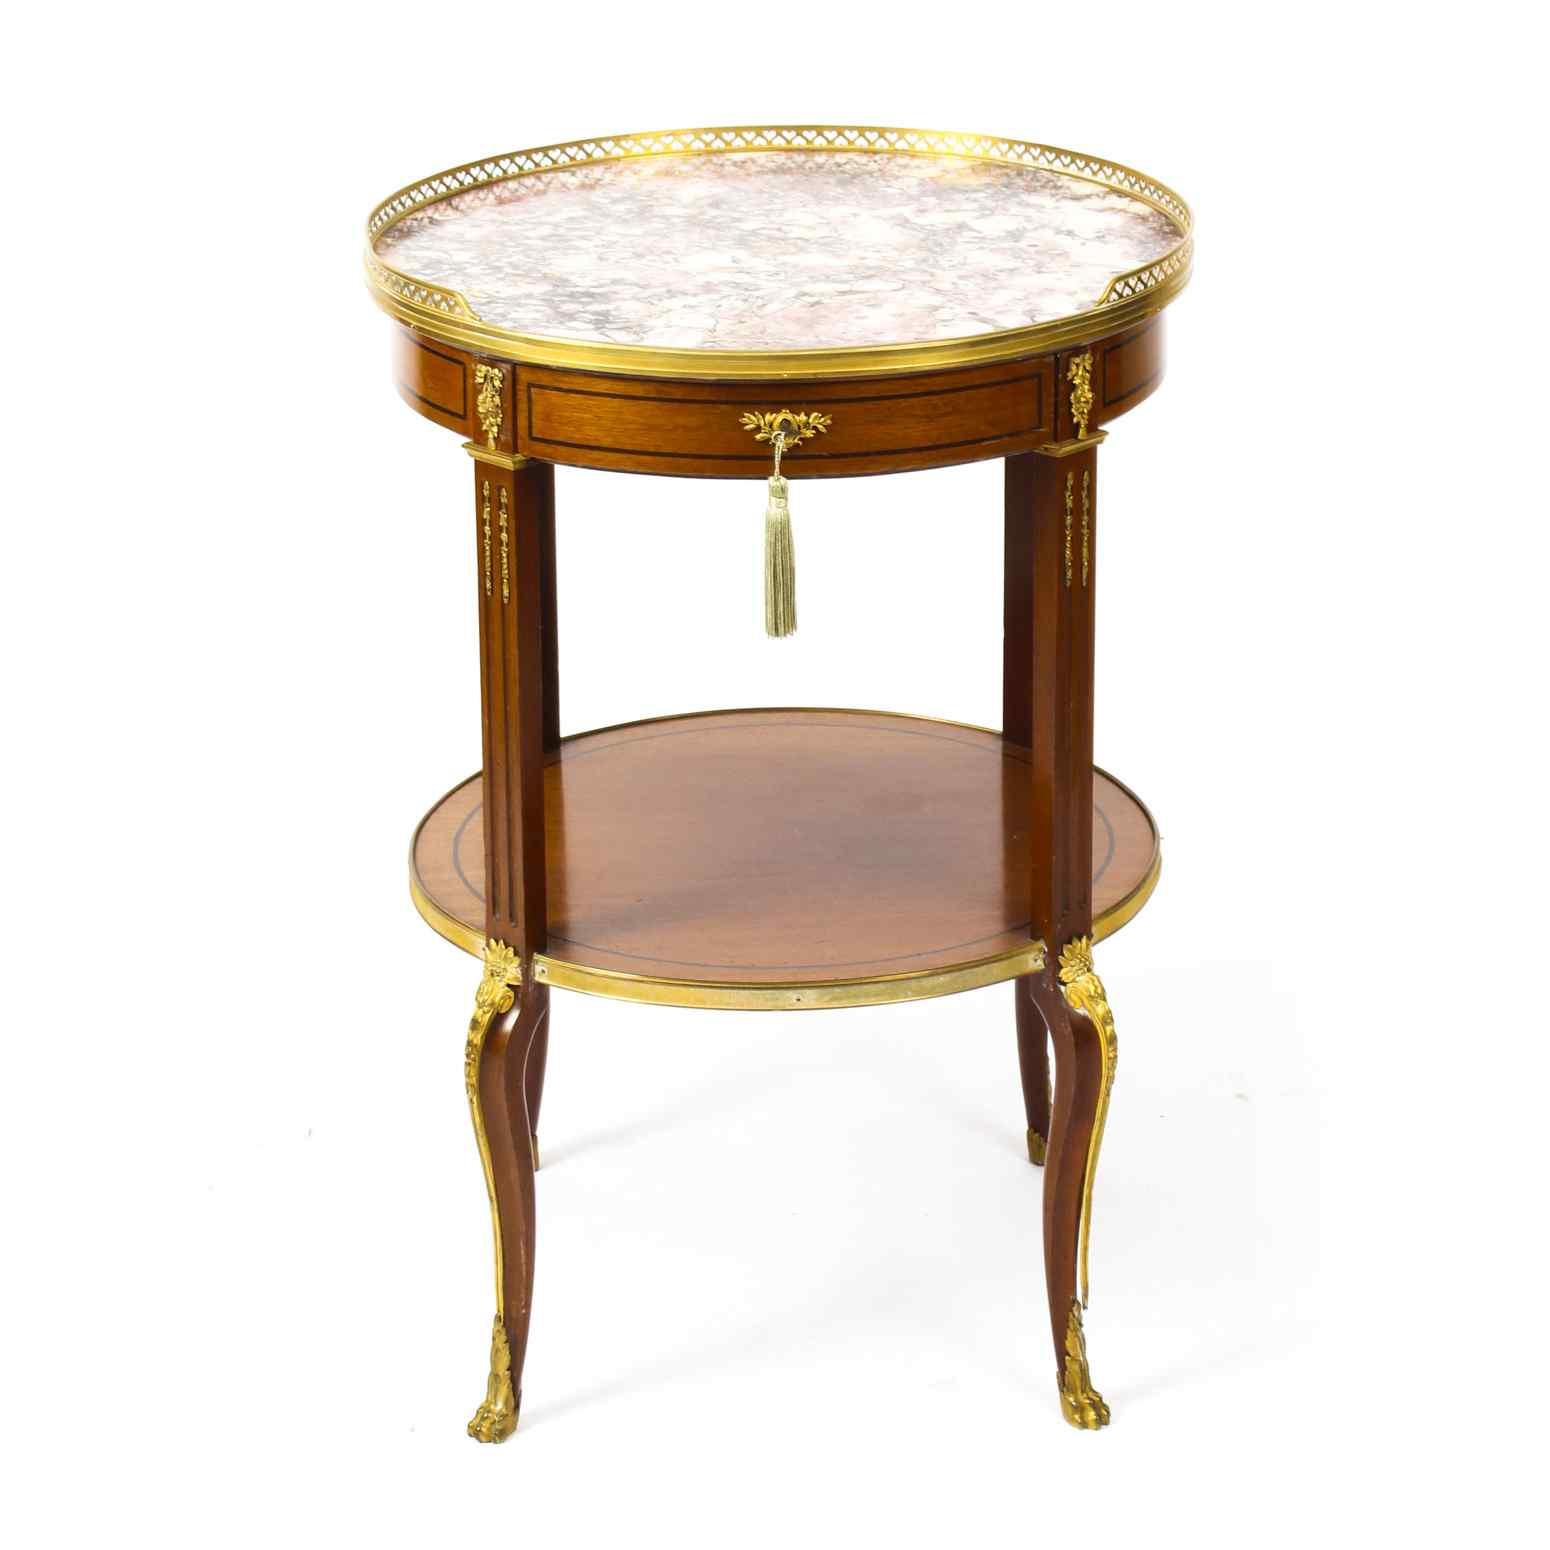 Tavolo occasionale antico in marmo francese e Ormolu, XIX se